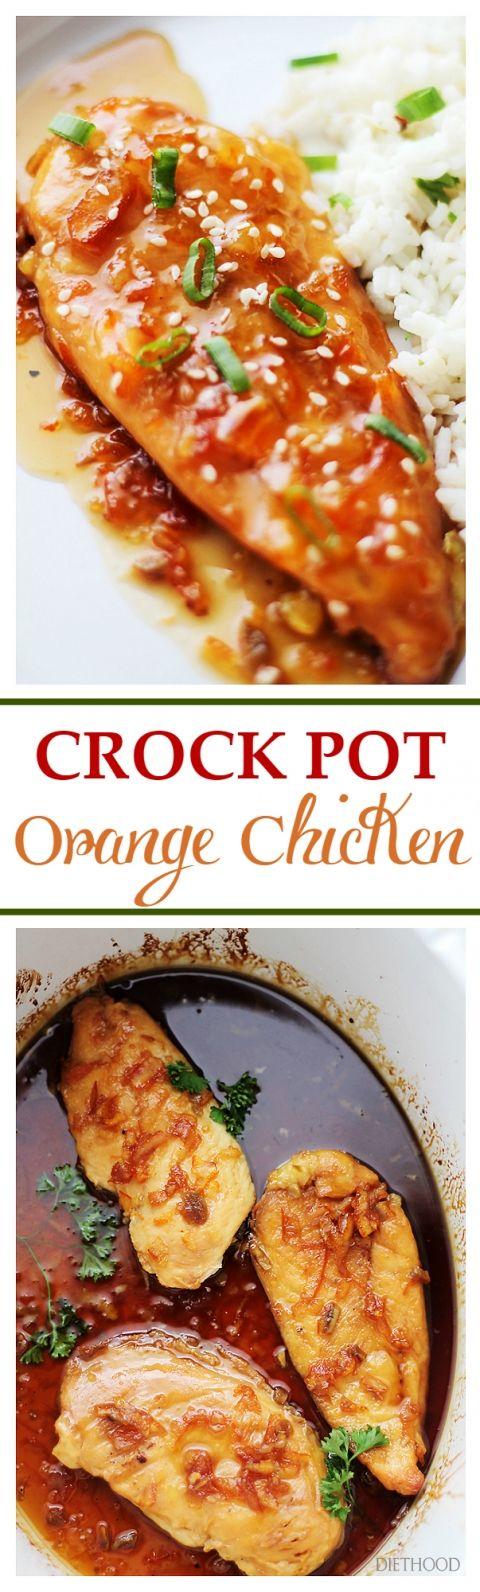 Crock Pot Orange Chicken Recipe | Diethood